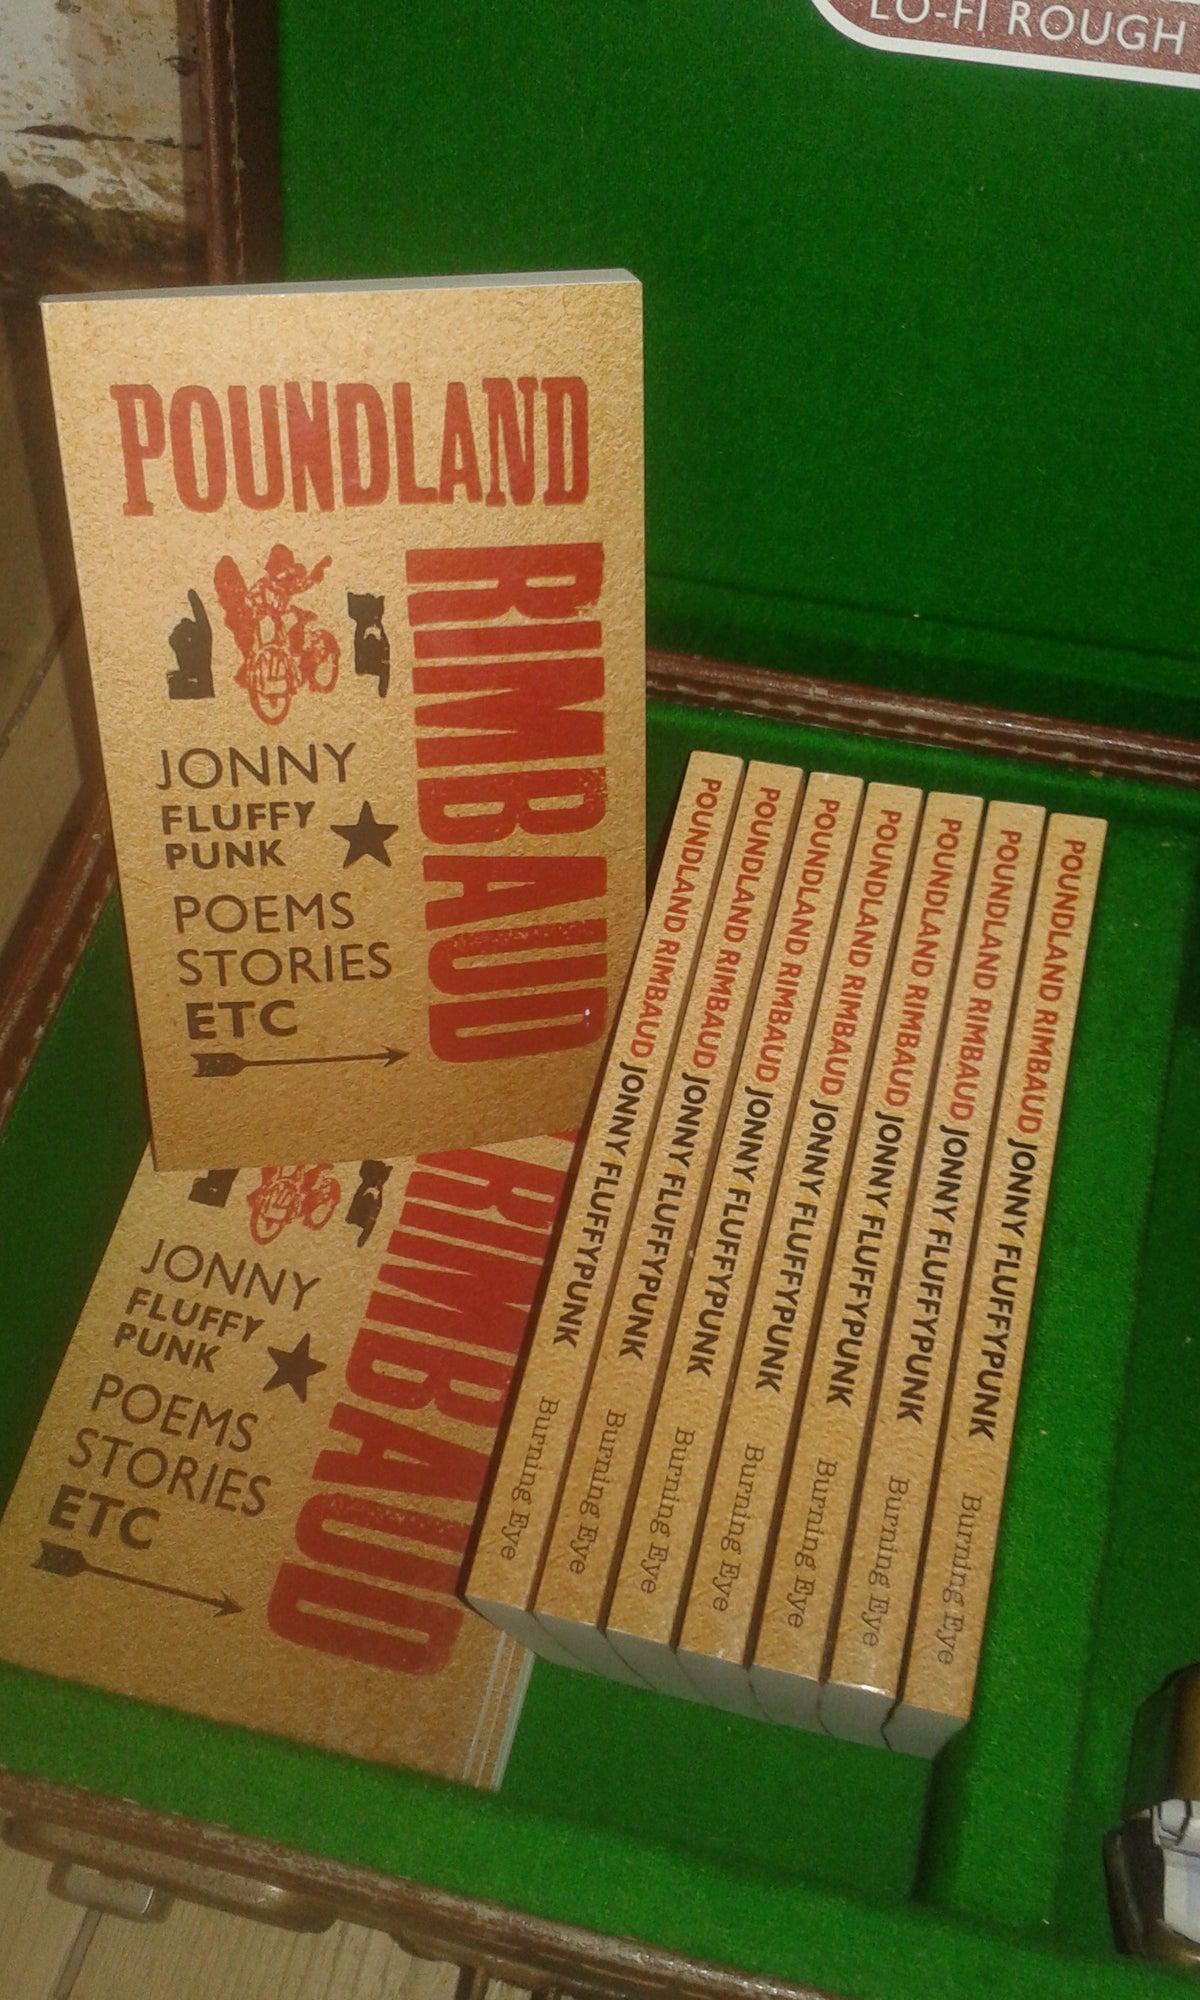 Image of Poundland Rimbaud